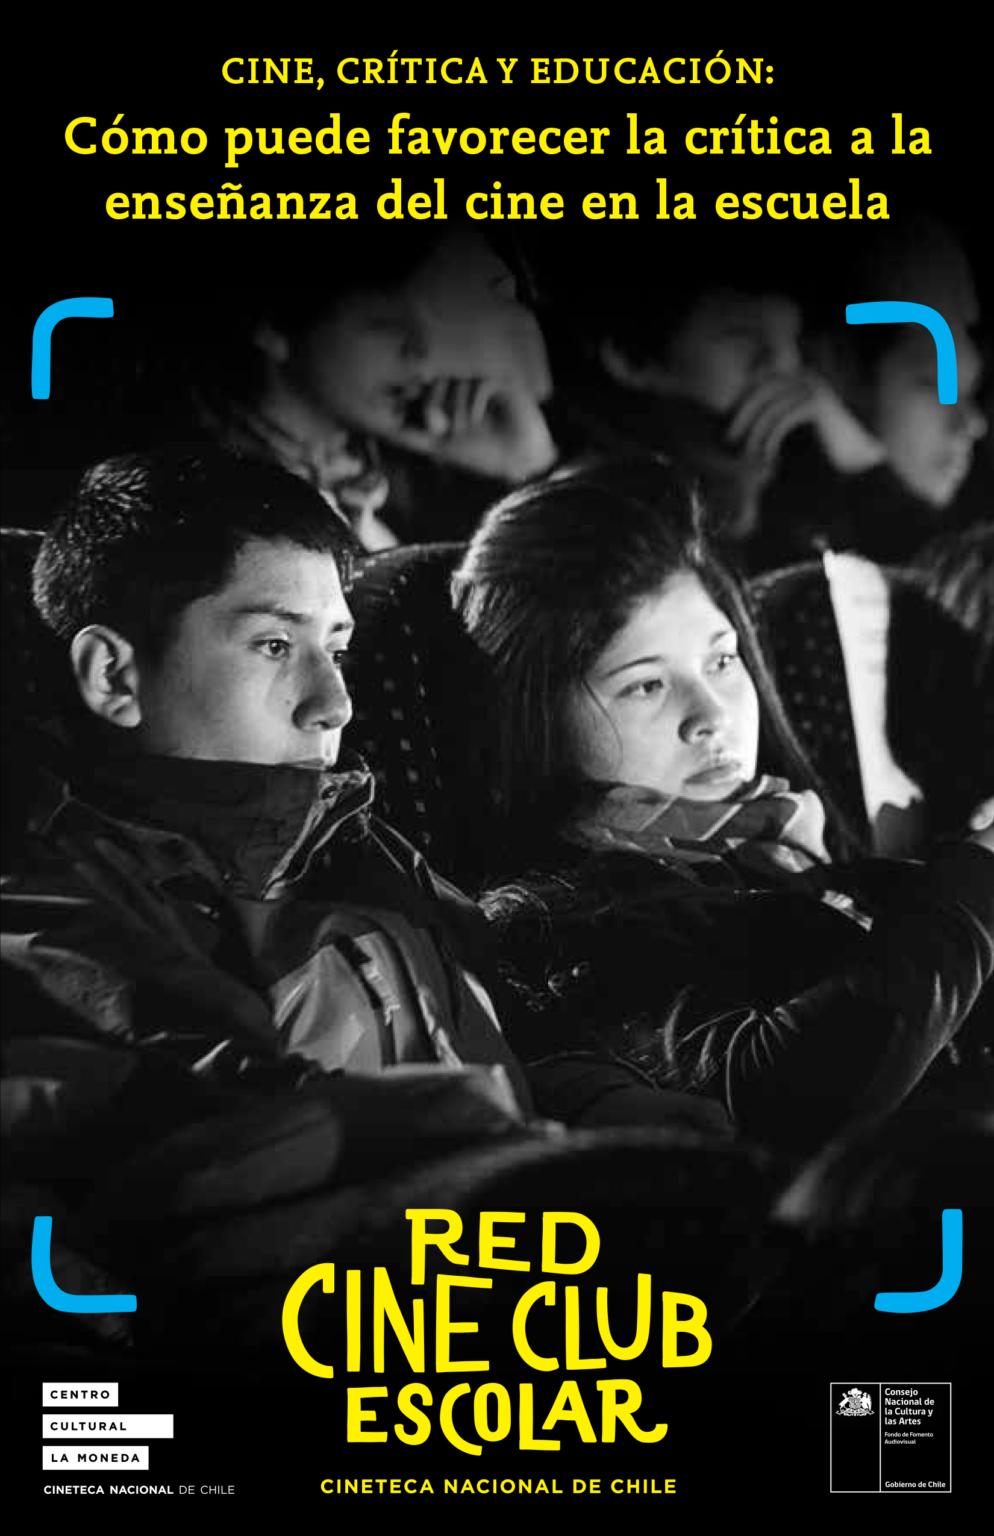 Cine, crítica y educación